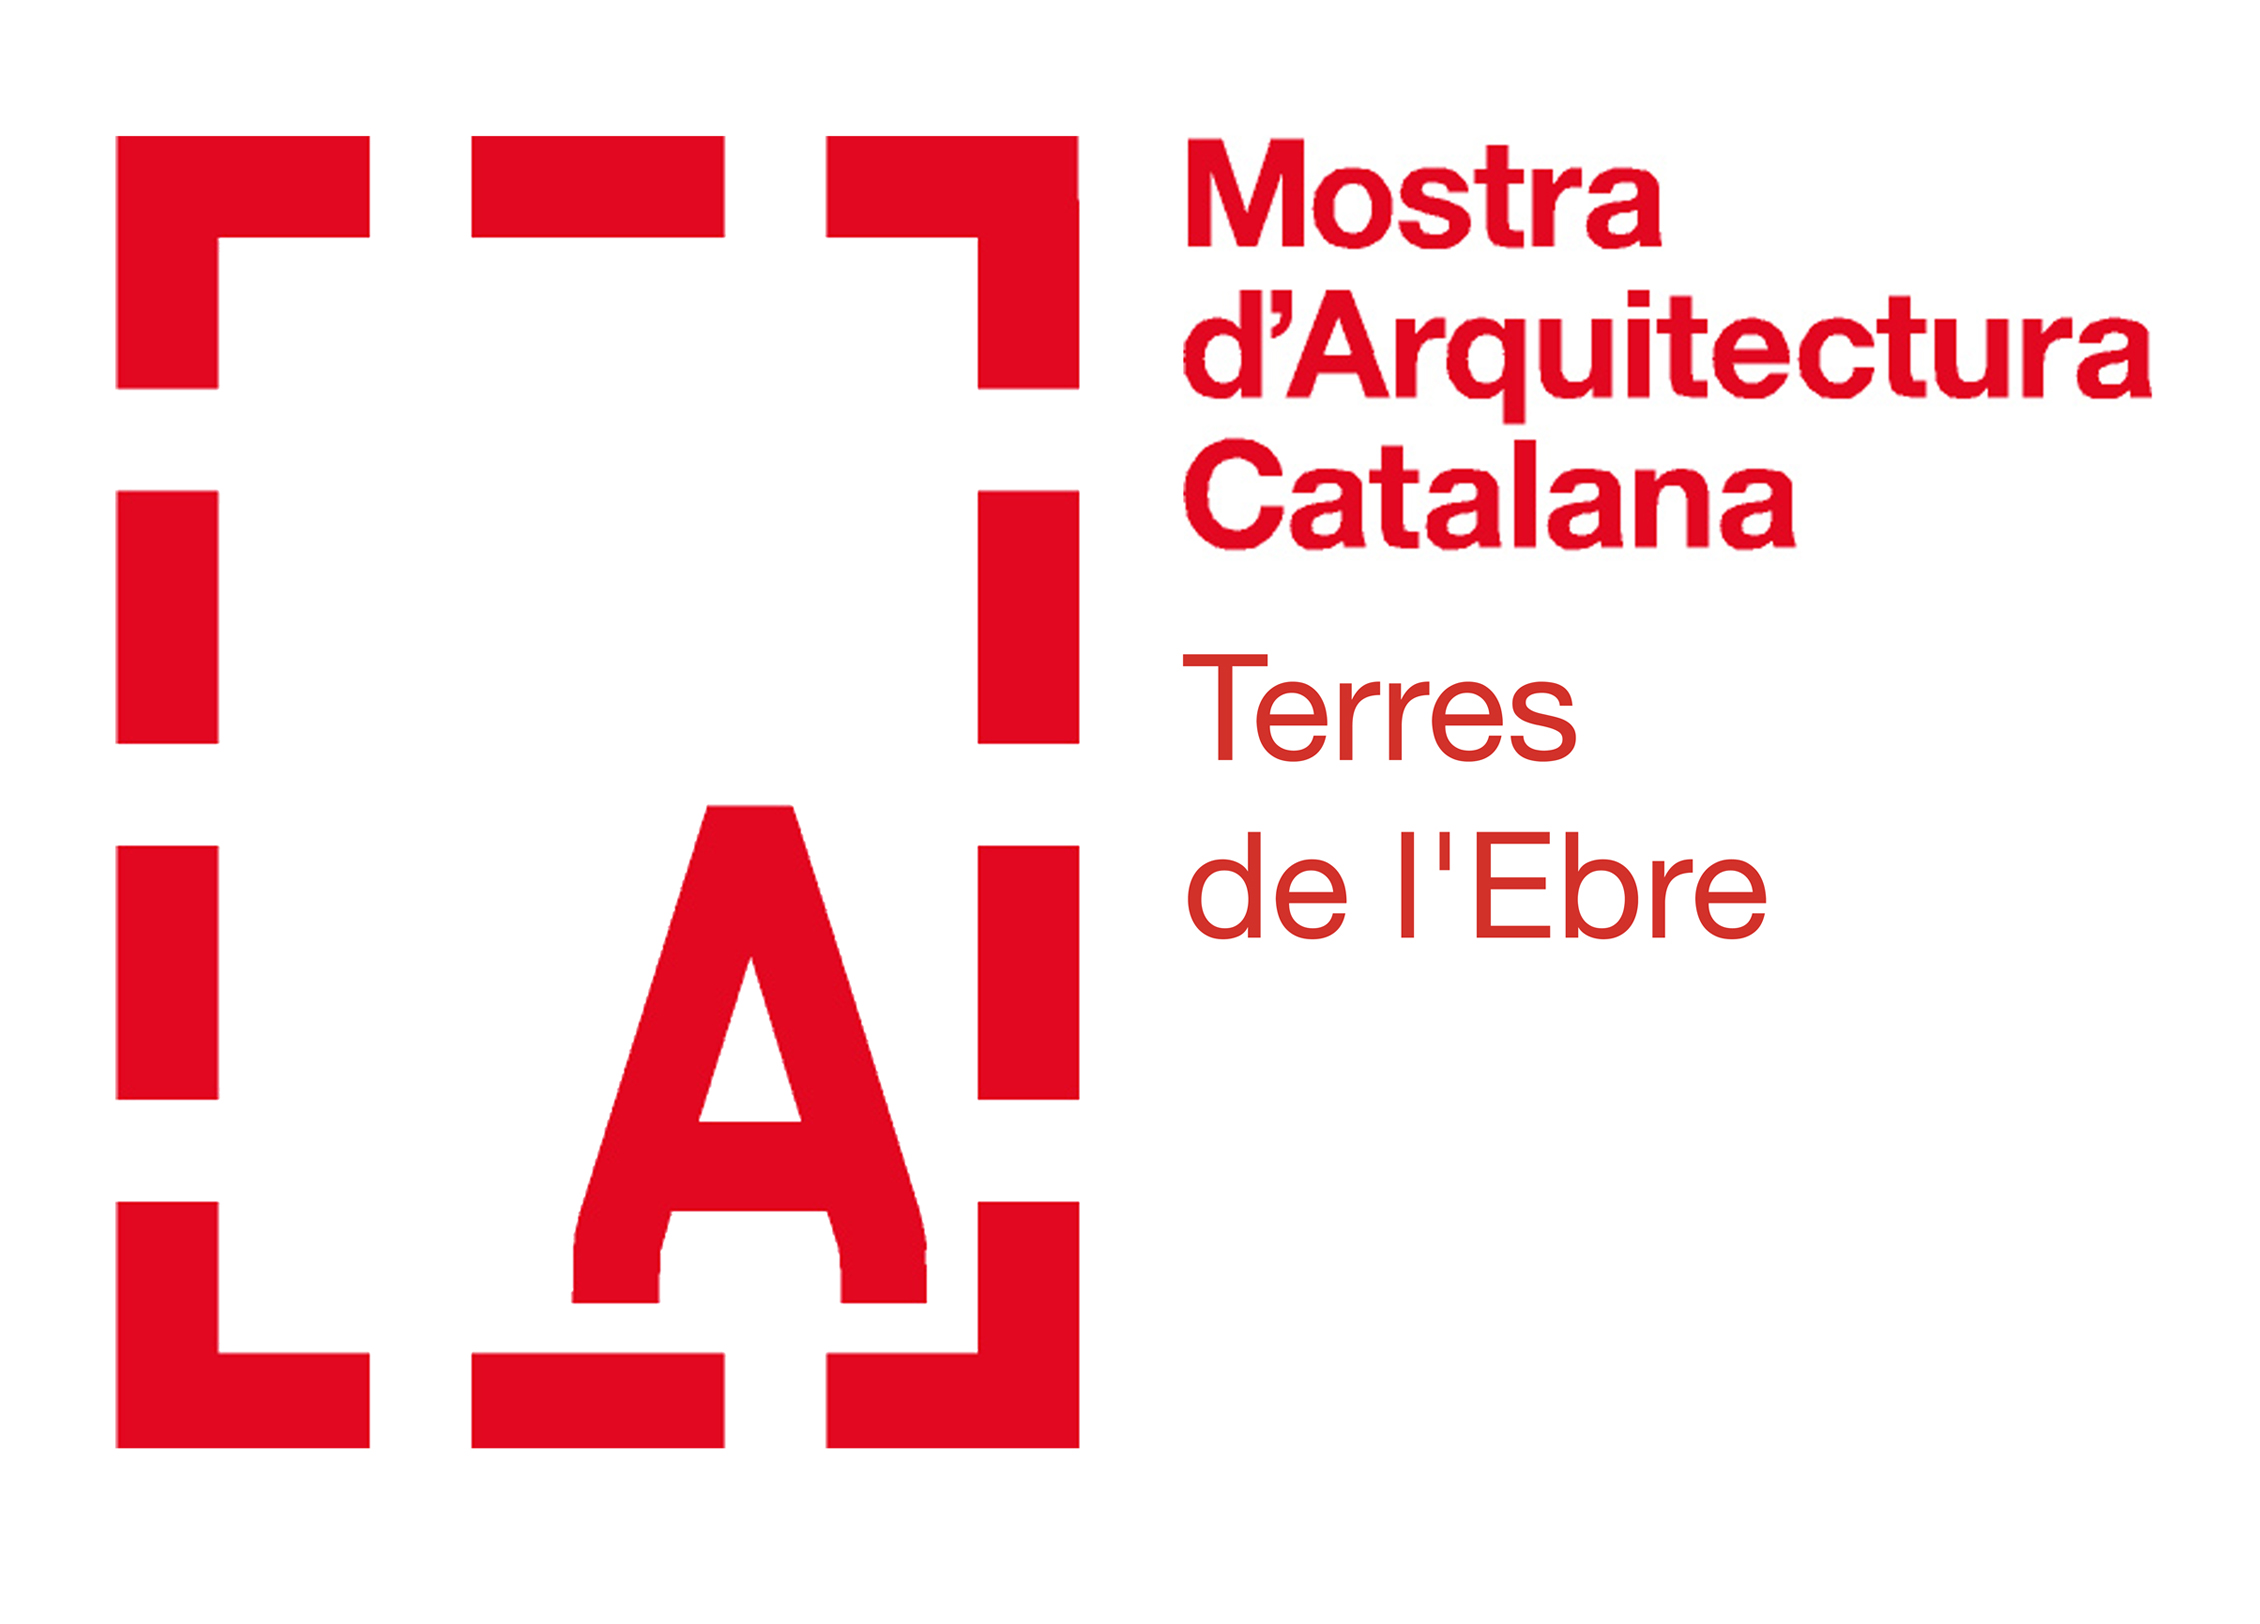 Mostres d'Arquitectura (Ebre)